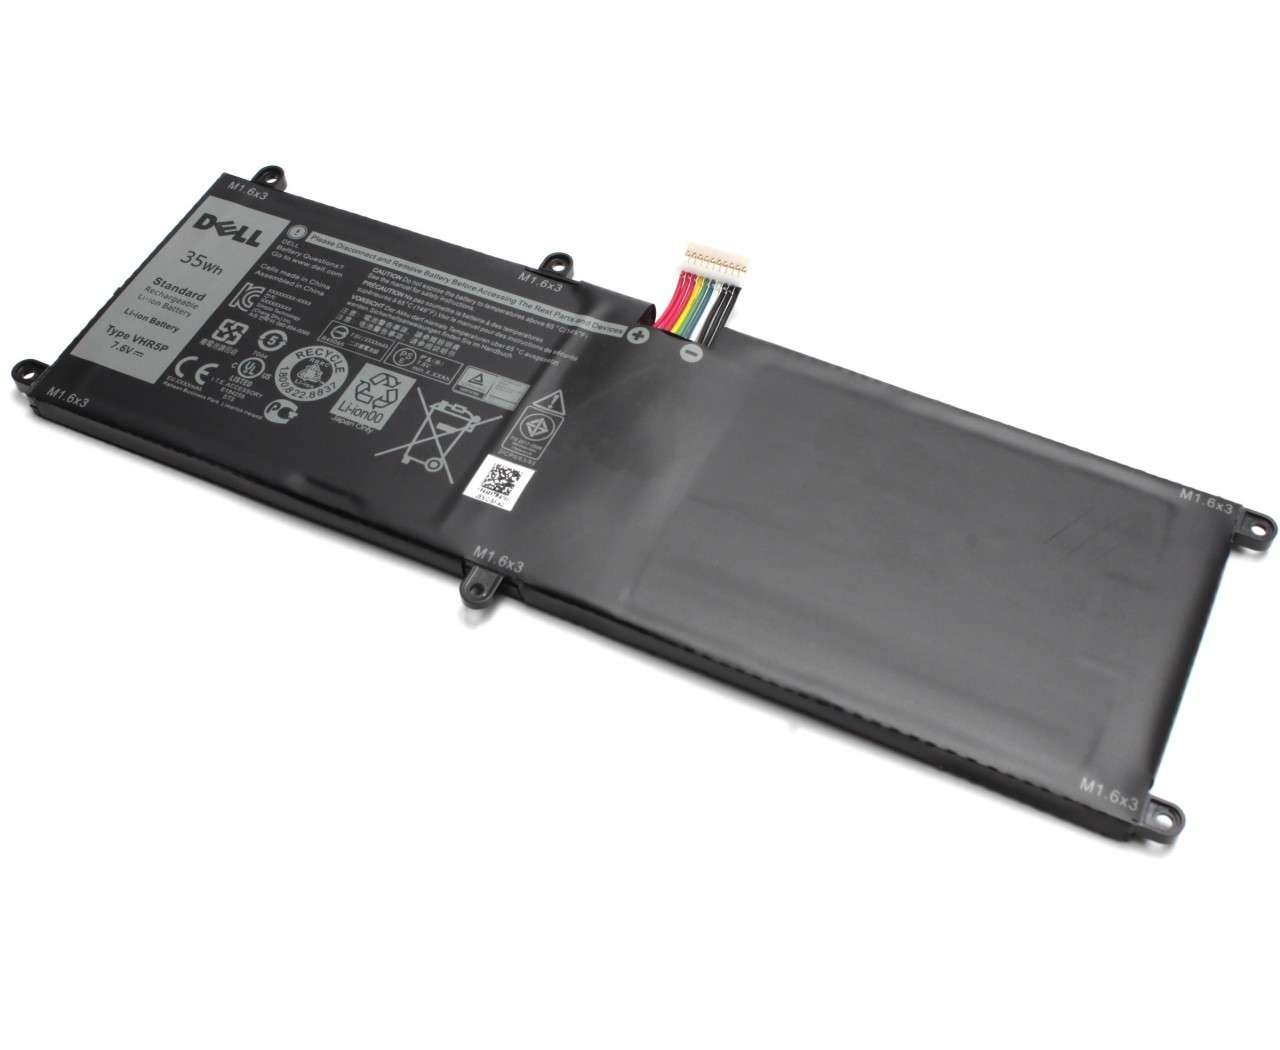 Baterie Dell Latitude 5179 Originala 35Wh imagine powerlaptop.ro 2021